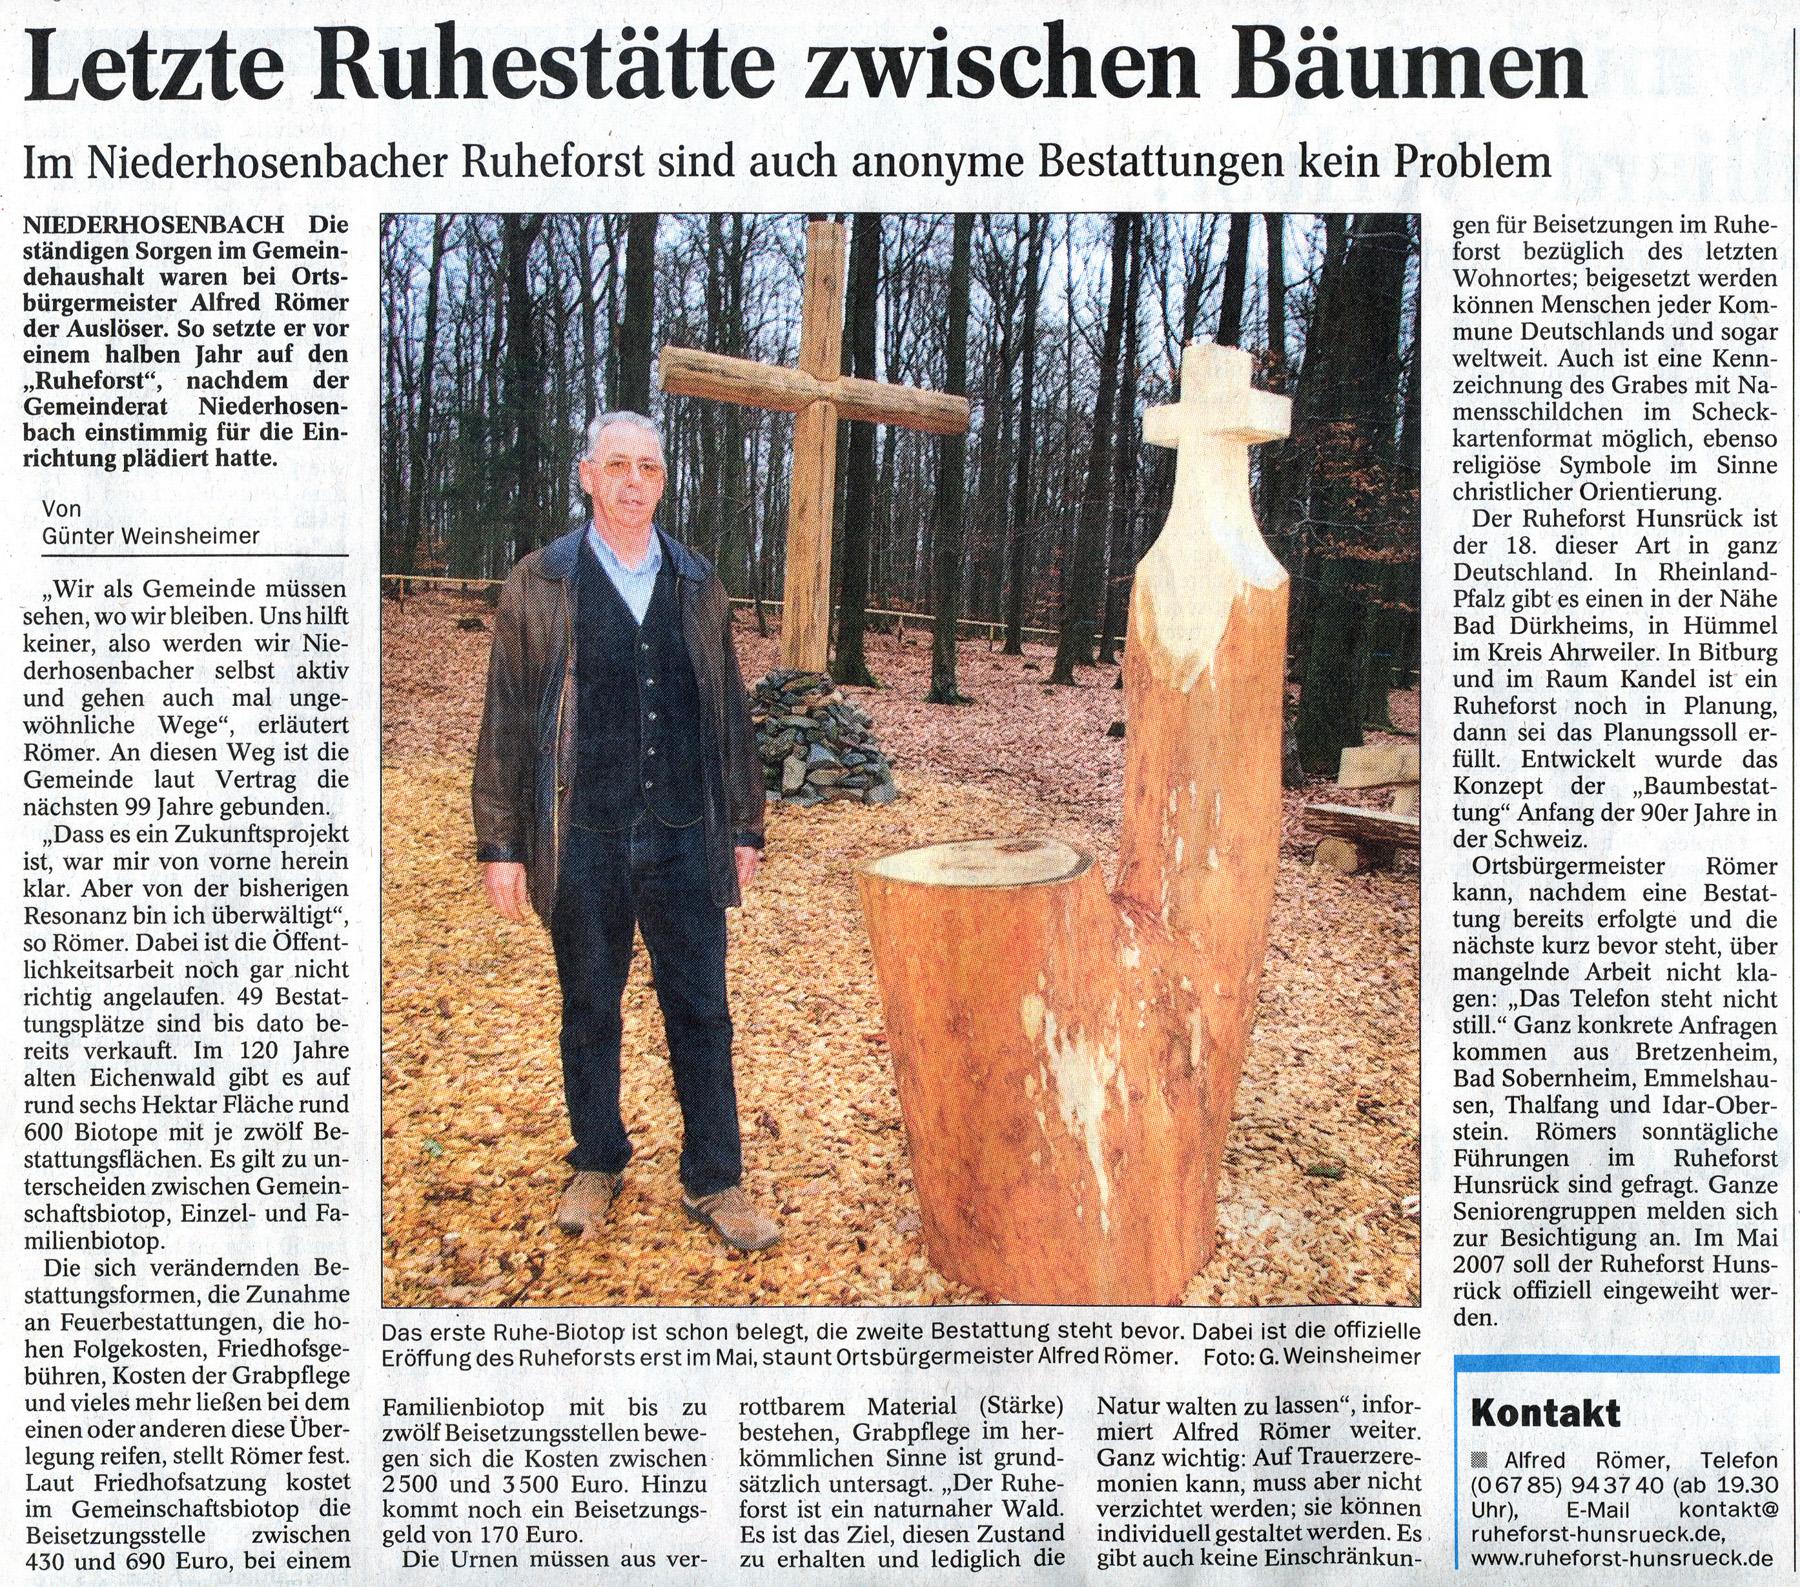 2007.02.02. Allgemeine Zeitung - Kopie